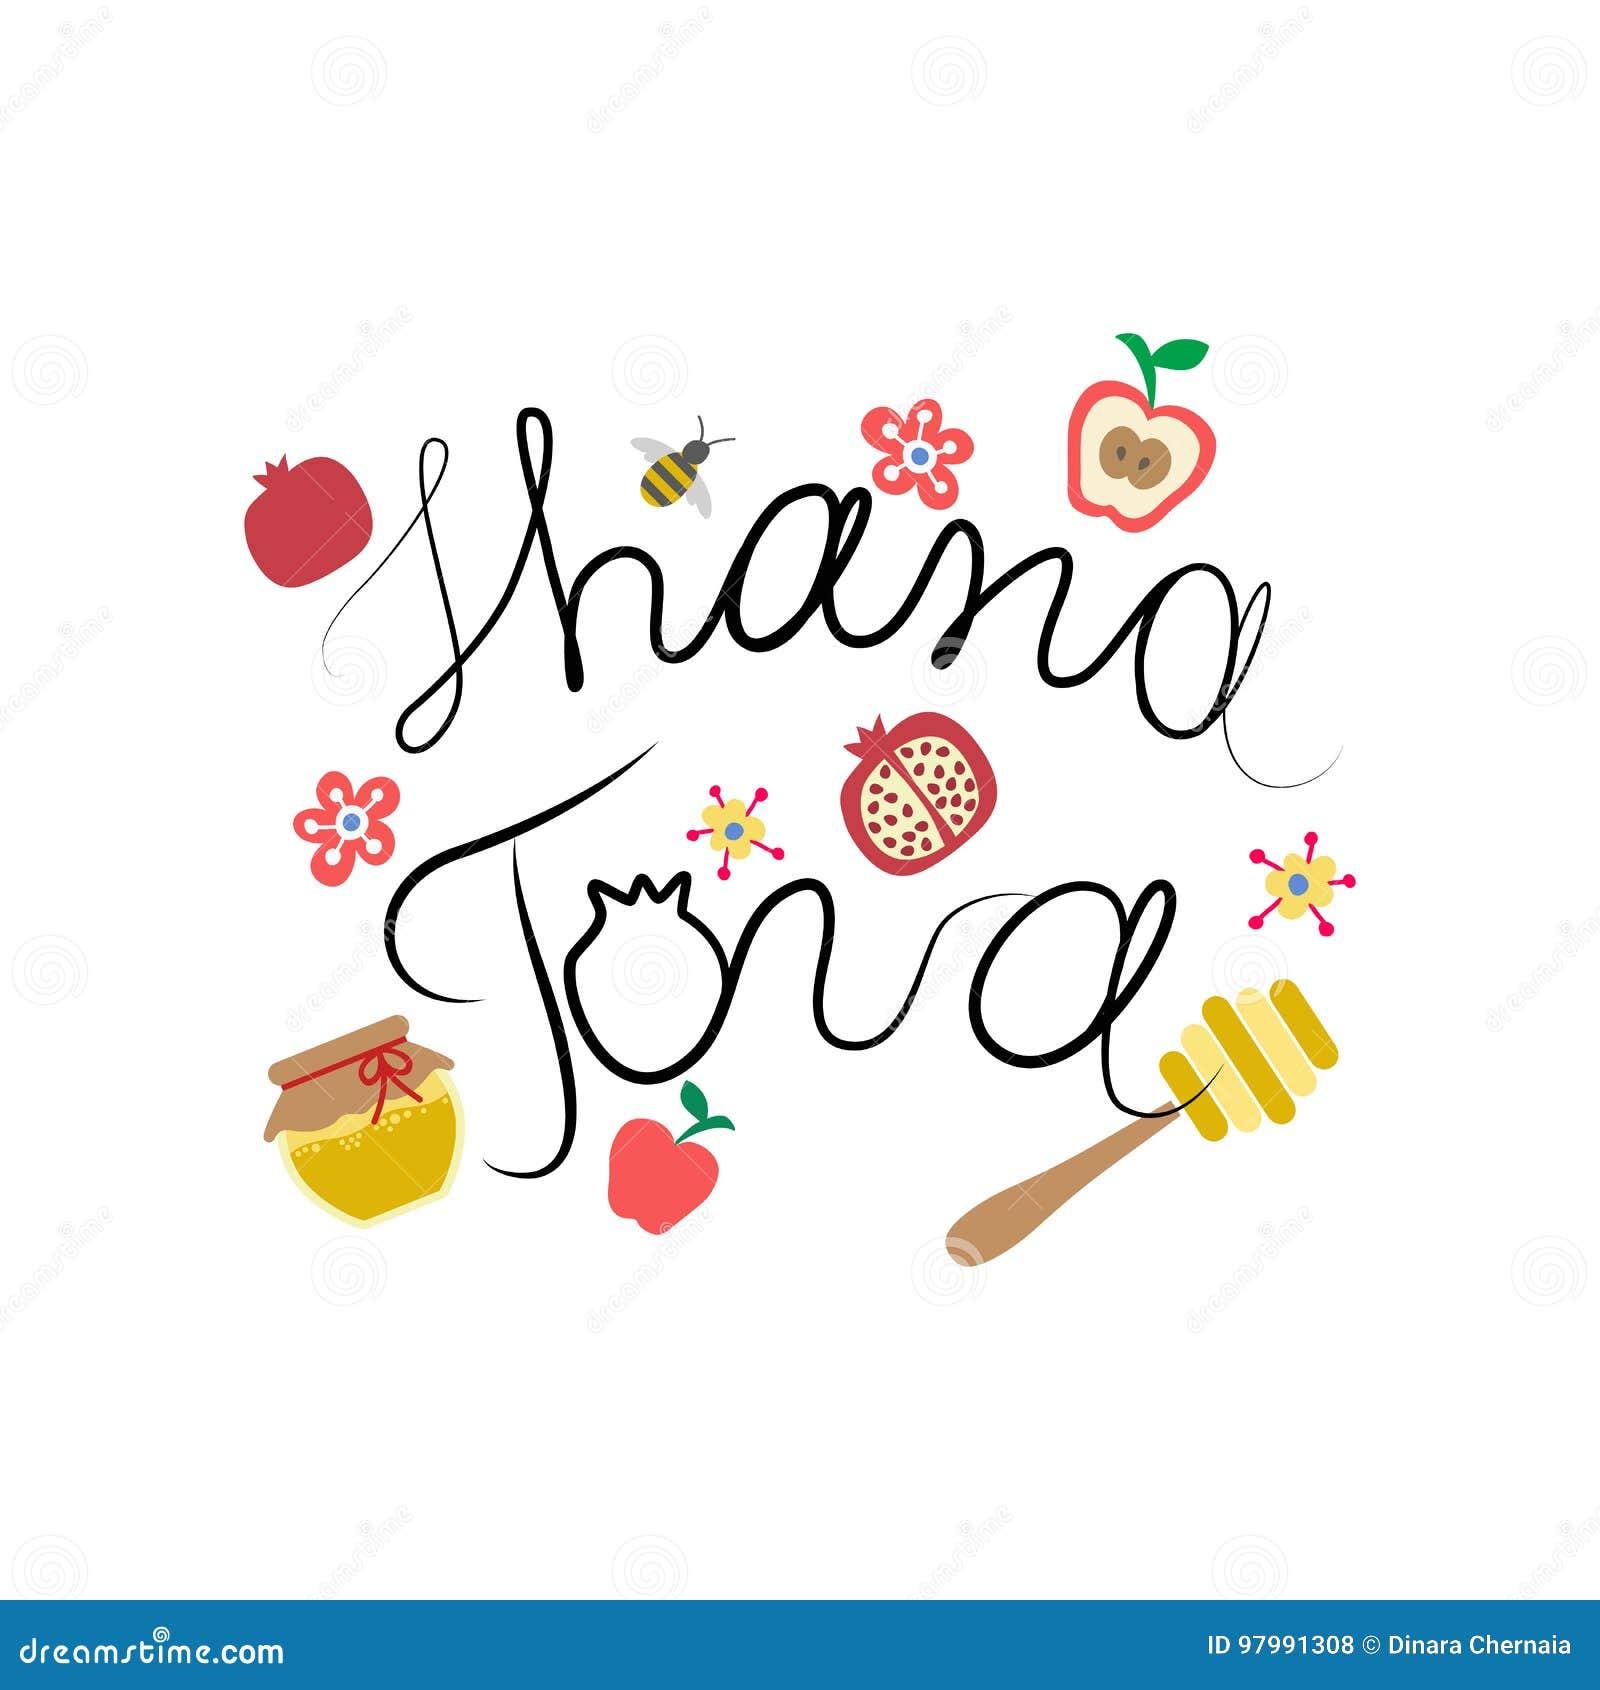 Shana tova happy new year on hebrew greeting card for jewish new download shana tova happy new year on hebrew greeting card for jewish new m4hsunfo